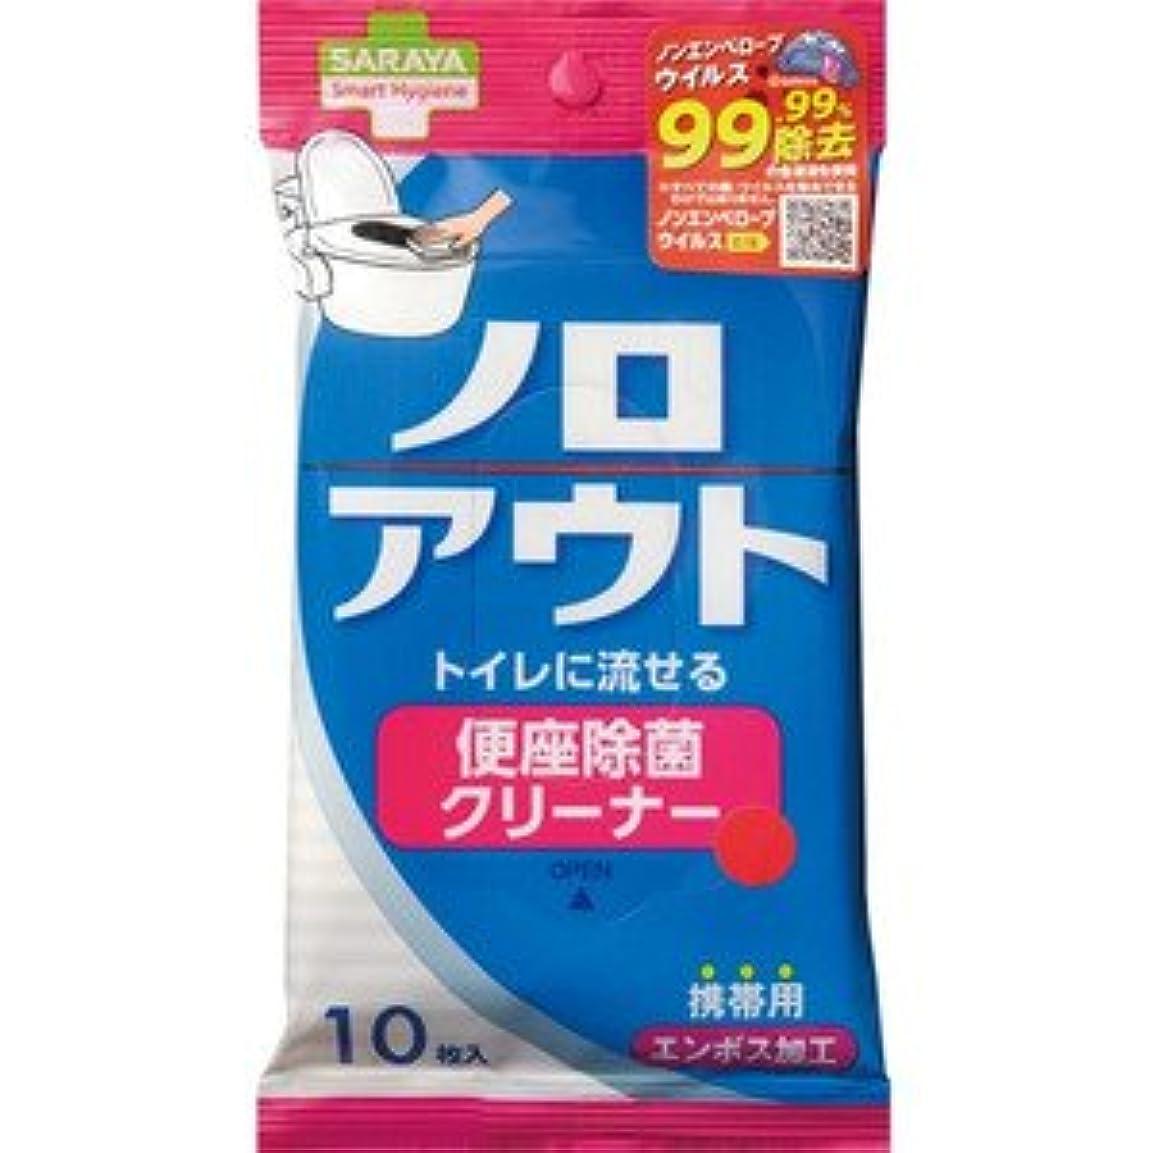 夜明けに味模索(ライオン)ノニオ ハミガキ スプラッシュシトラスミント 130g(医薬部外品)/新商品/(お買い得3個セット)